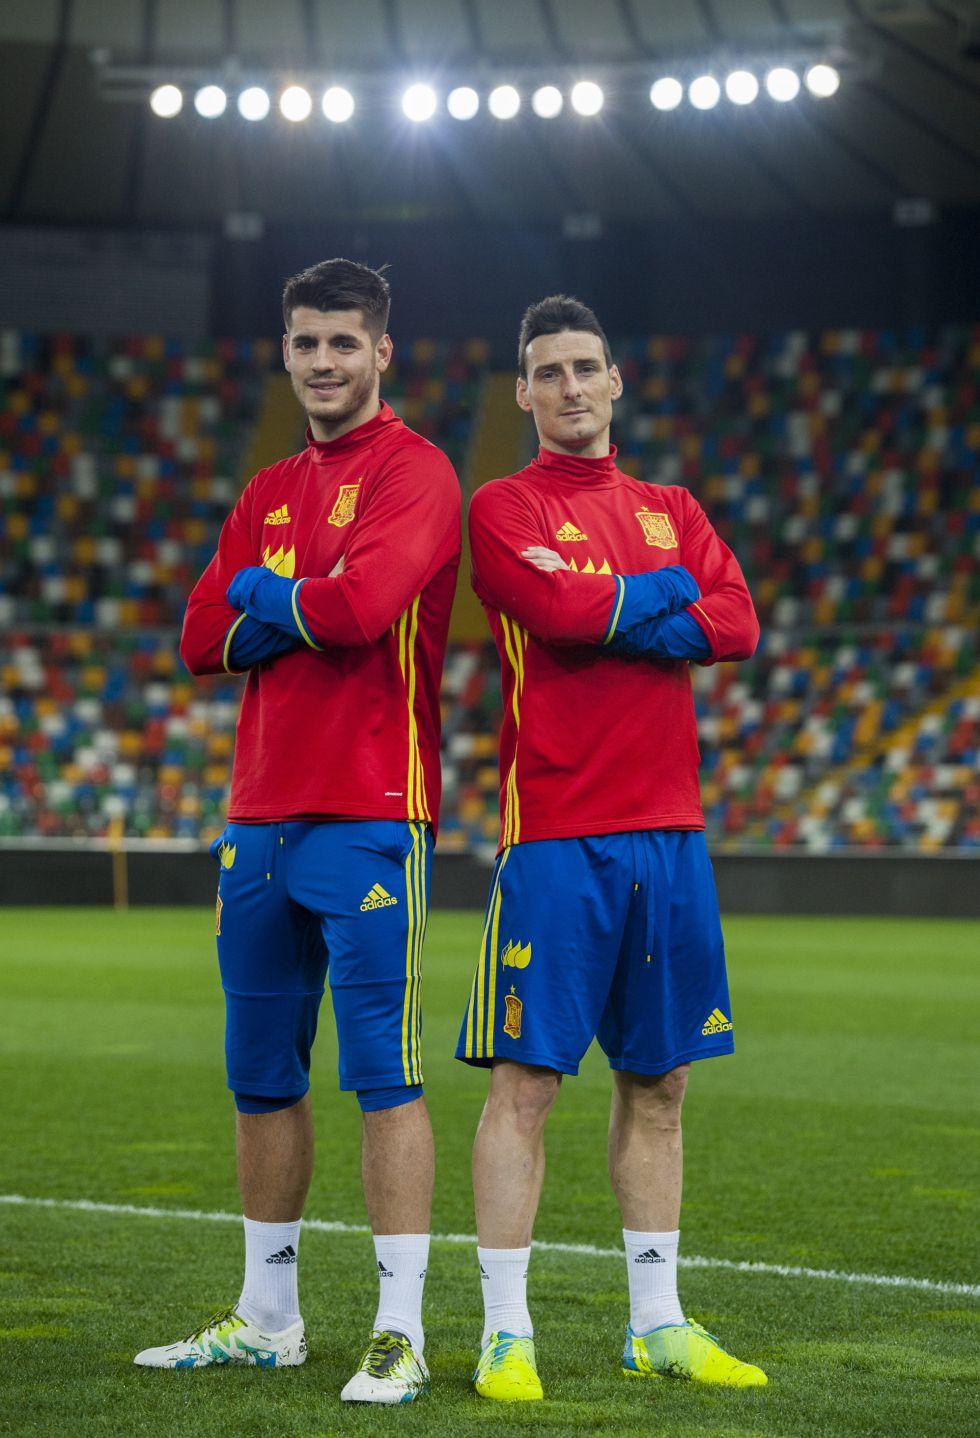 Hilo de la selección de España 1458840730_710811_1458841535_noticia_grande